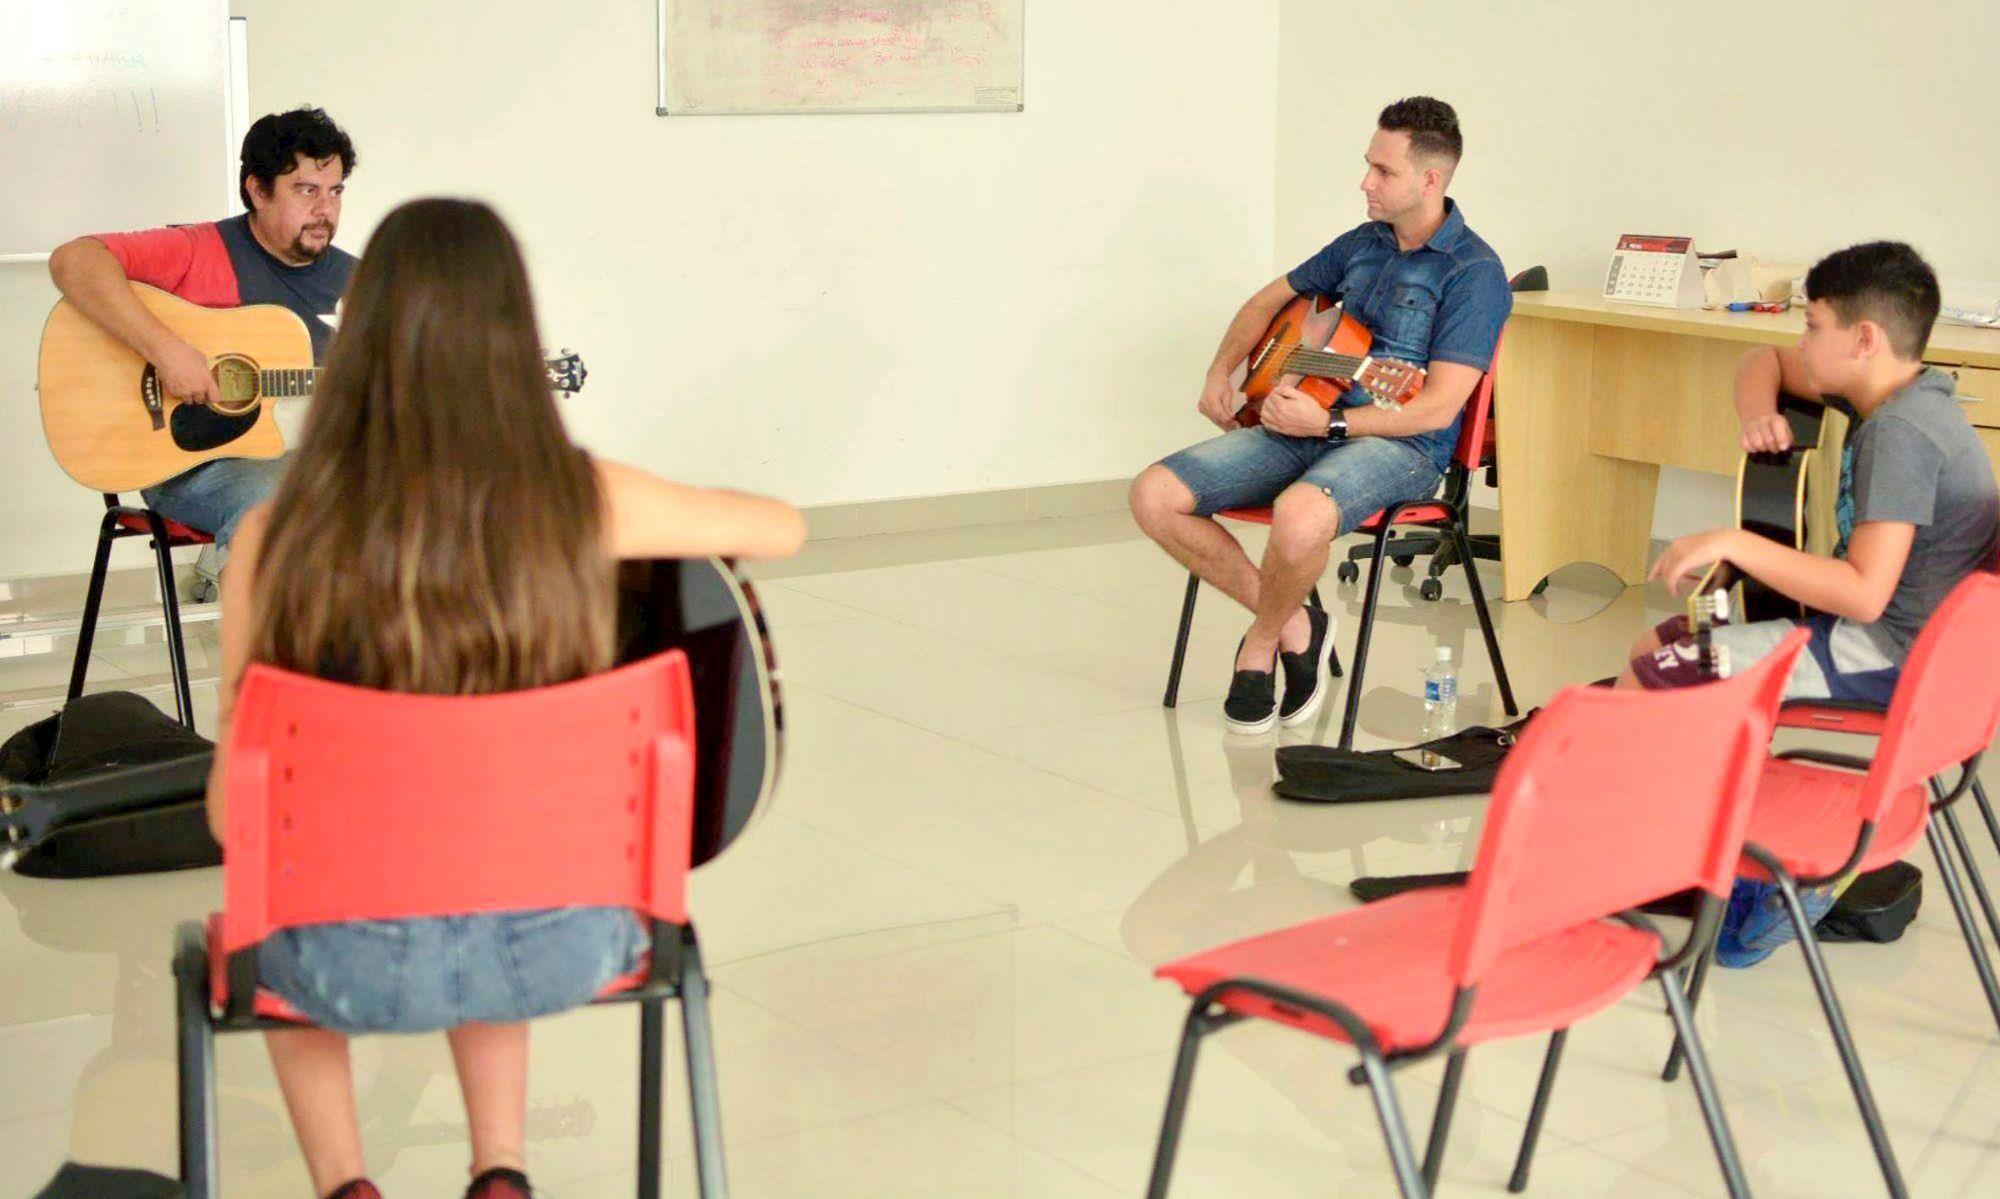 violão, aulas, rolando, smetal, sindicato,, Foguinho/Arquivo Imprensa SMetal